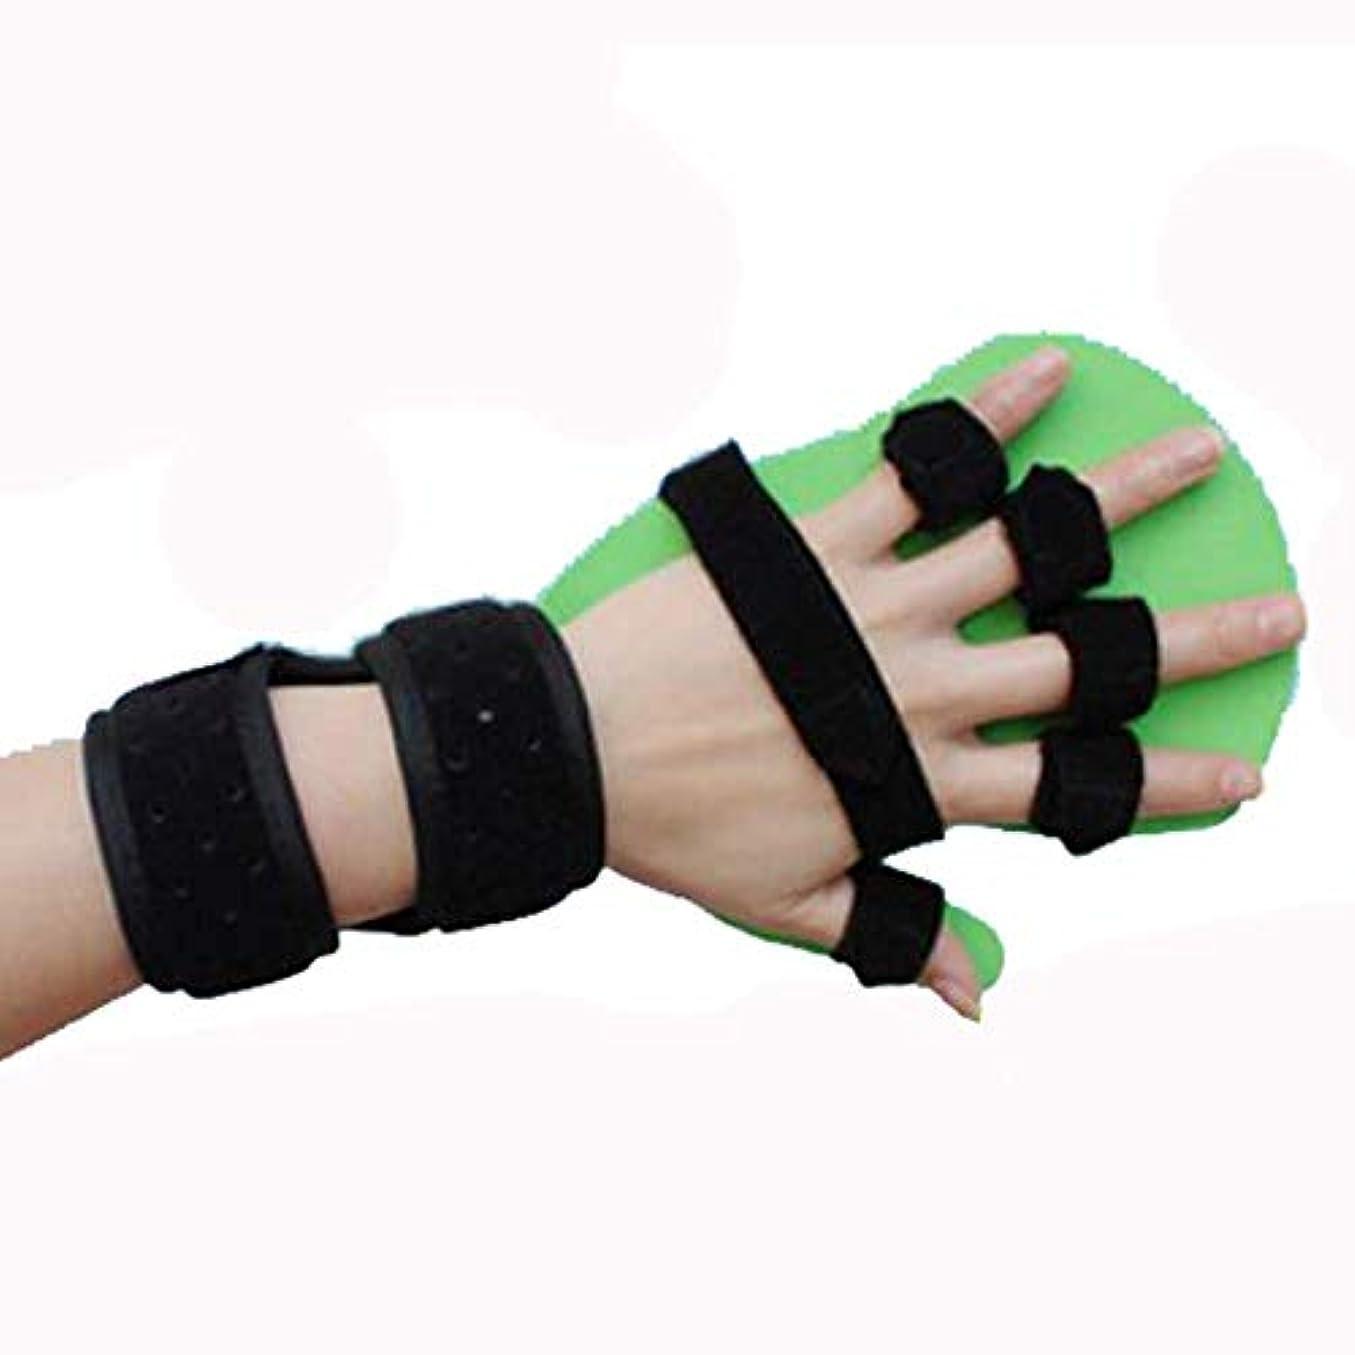 平らな固体沼地医療高齢者の子供たちは指脳卒中片麻痺リハビリ指補正指リハビリリハビリスプリントを分割しました,Lefthand,M